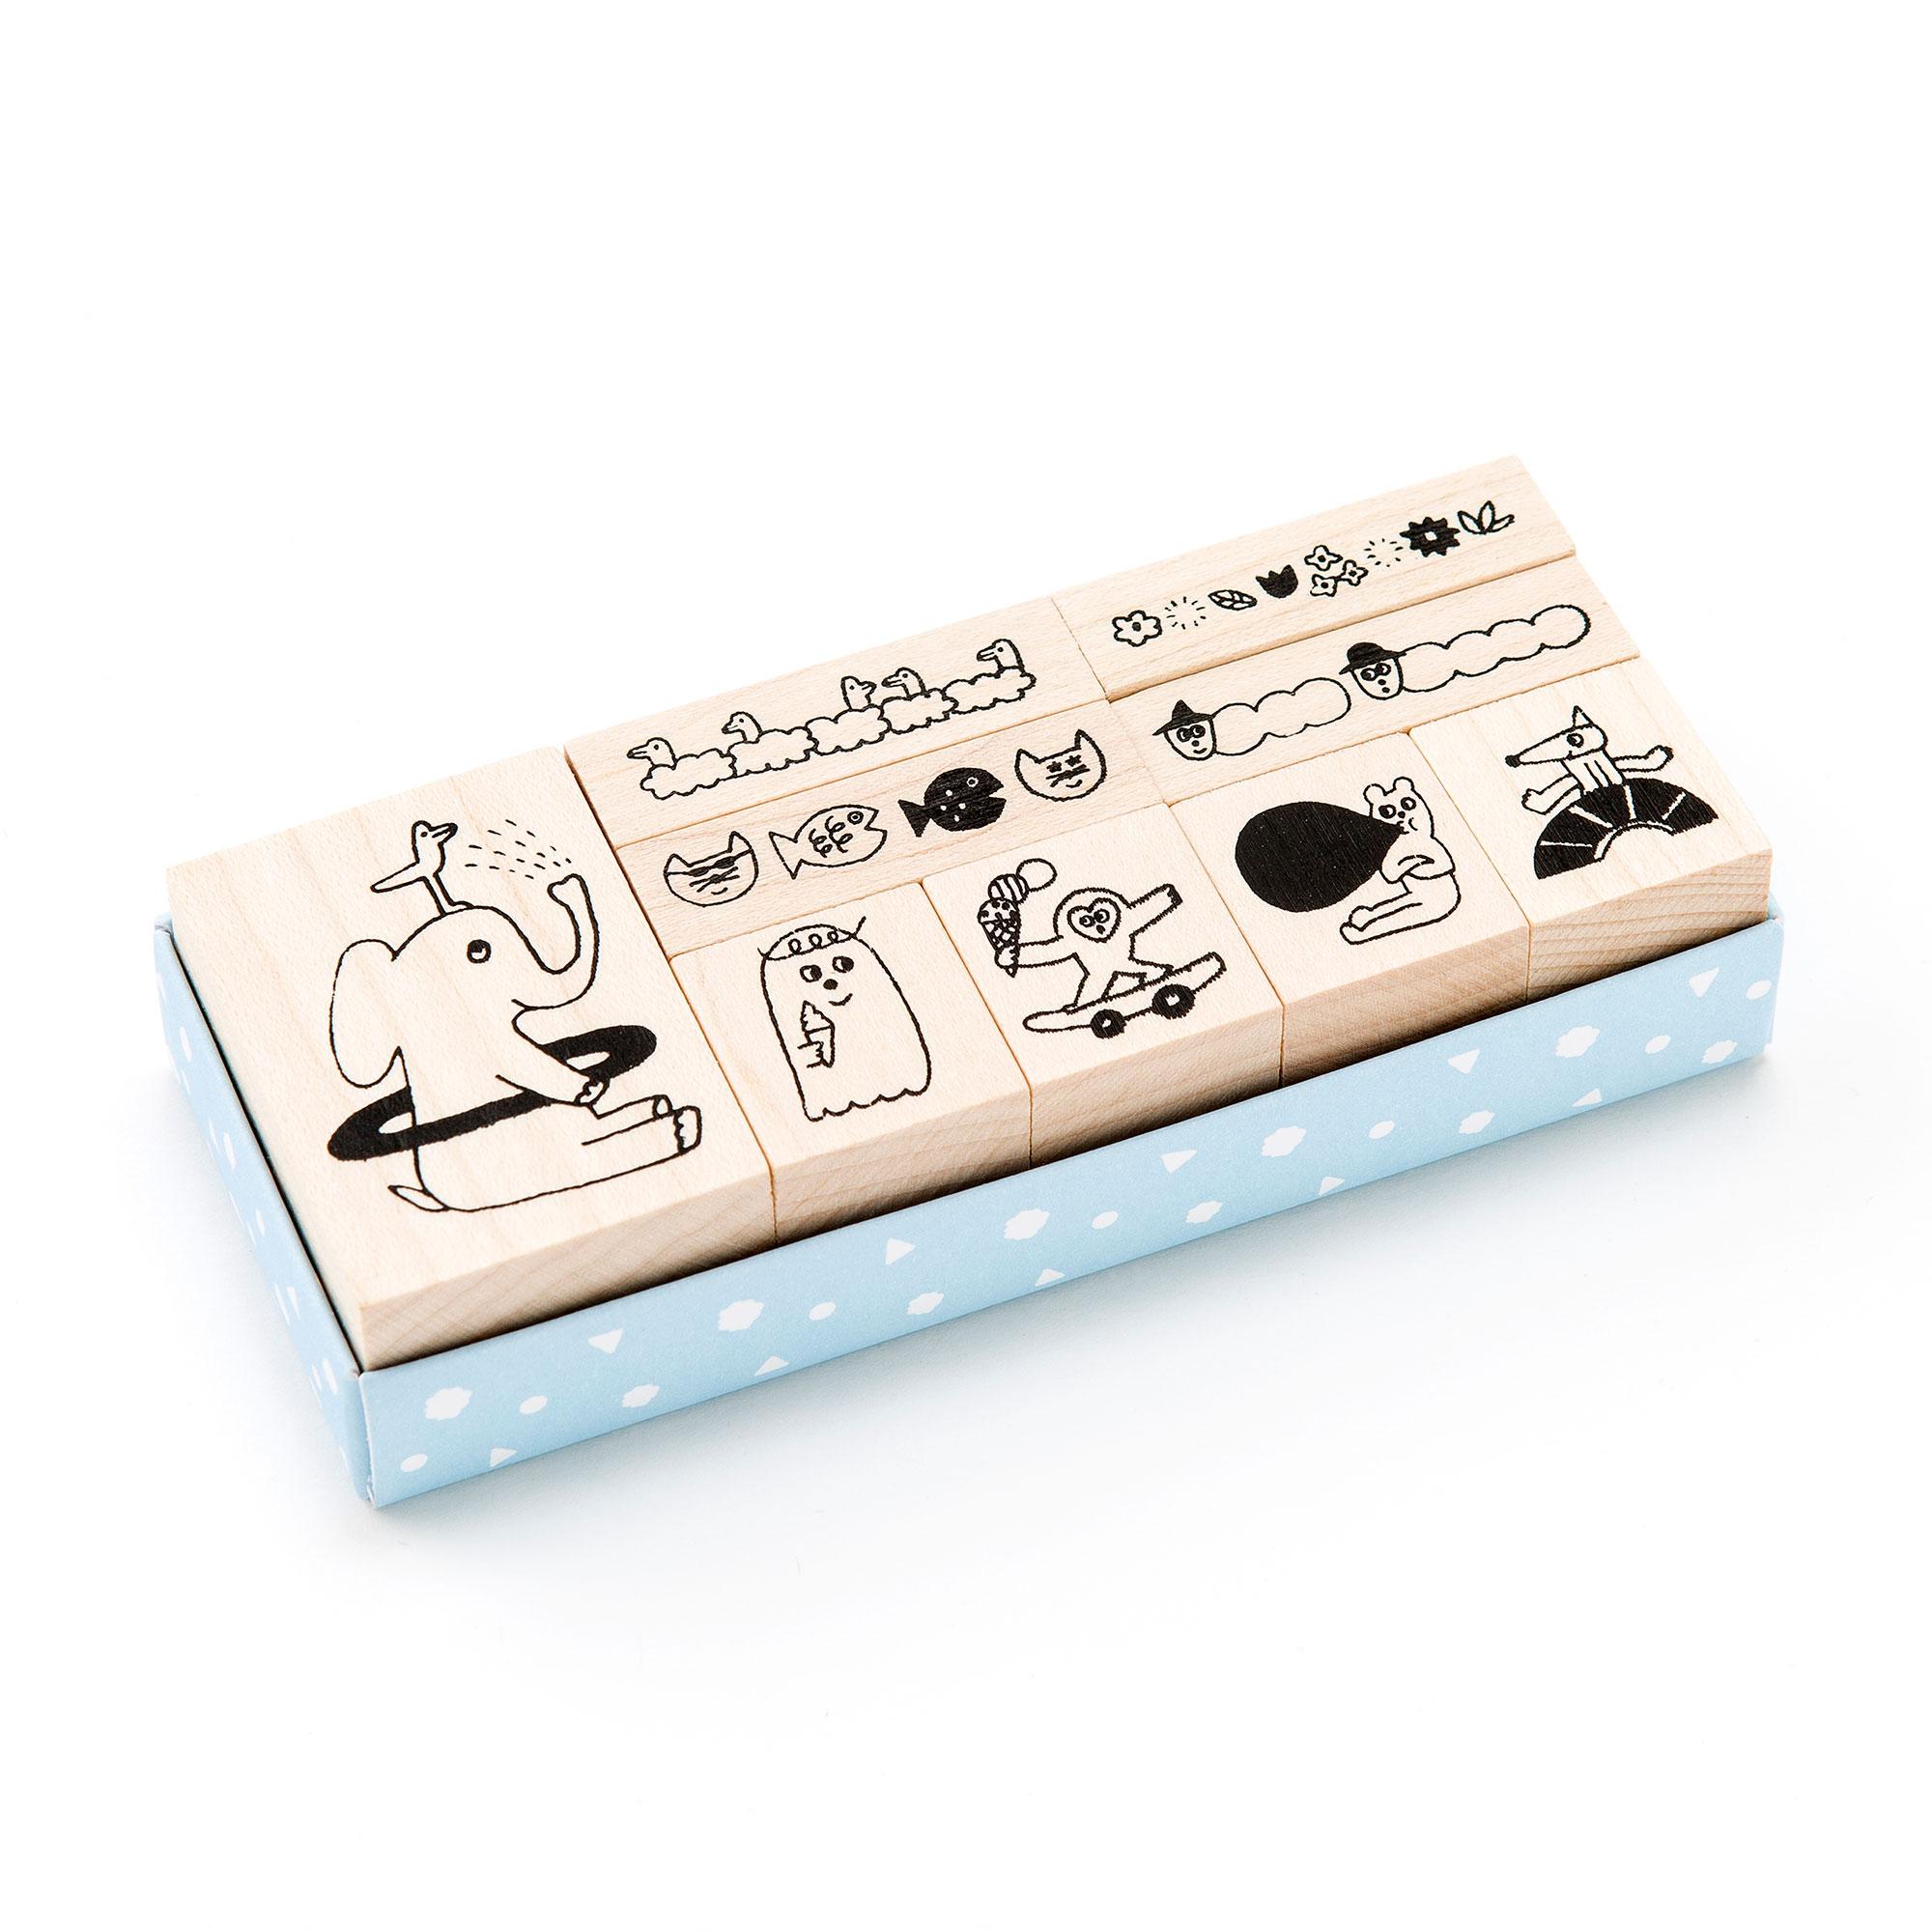 スタンプセット かわいい ラッピング STAMP スケジュール帳 手帳に☆動物がキュート!雑貨・文房具のAIUEO PLAY (ASP-16)